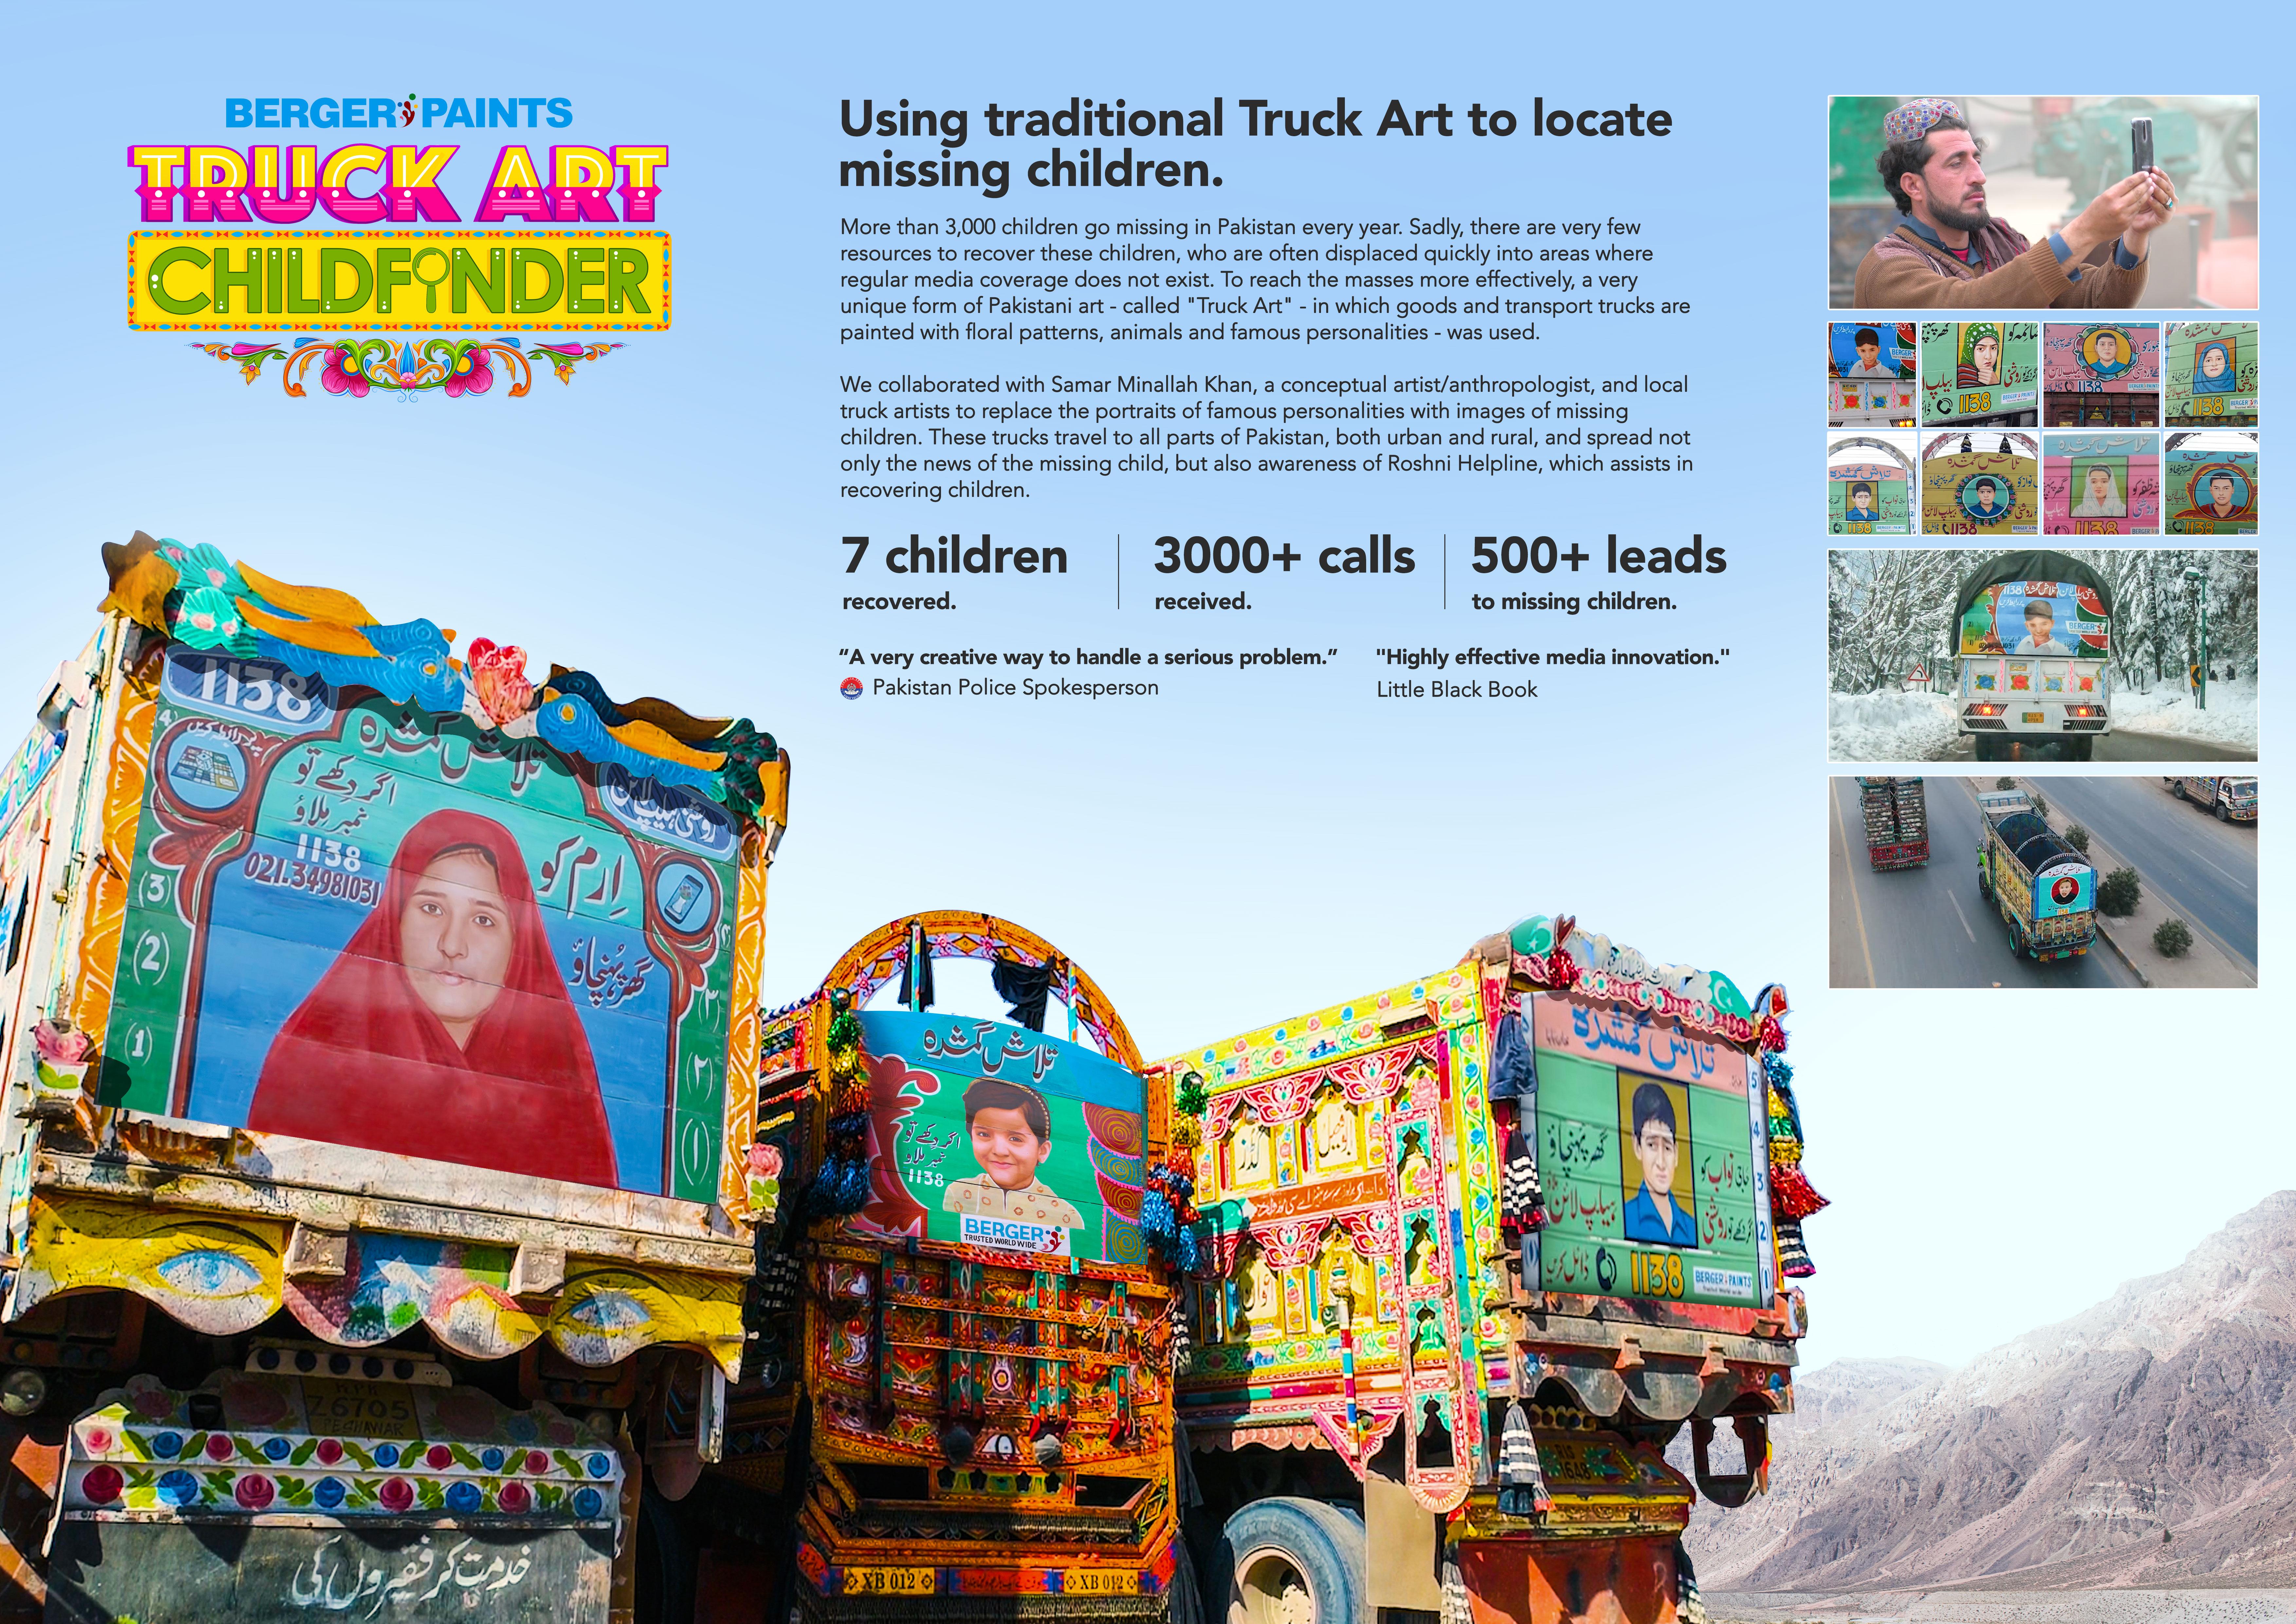 Truck Art Childfinder-support